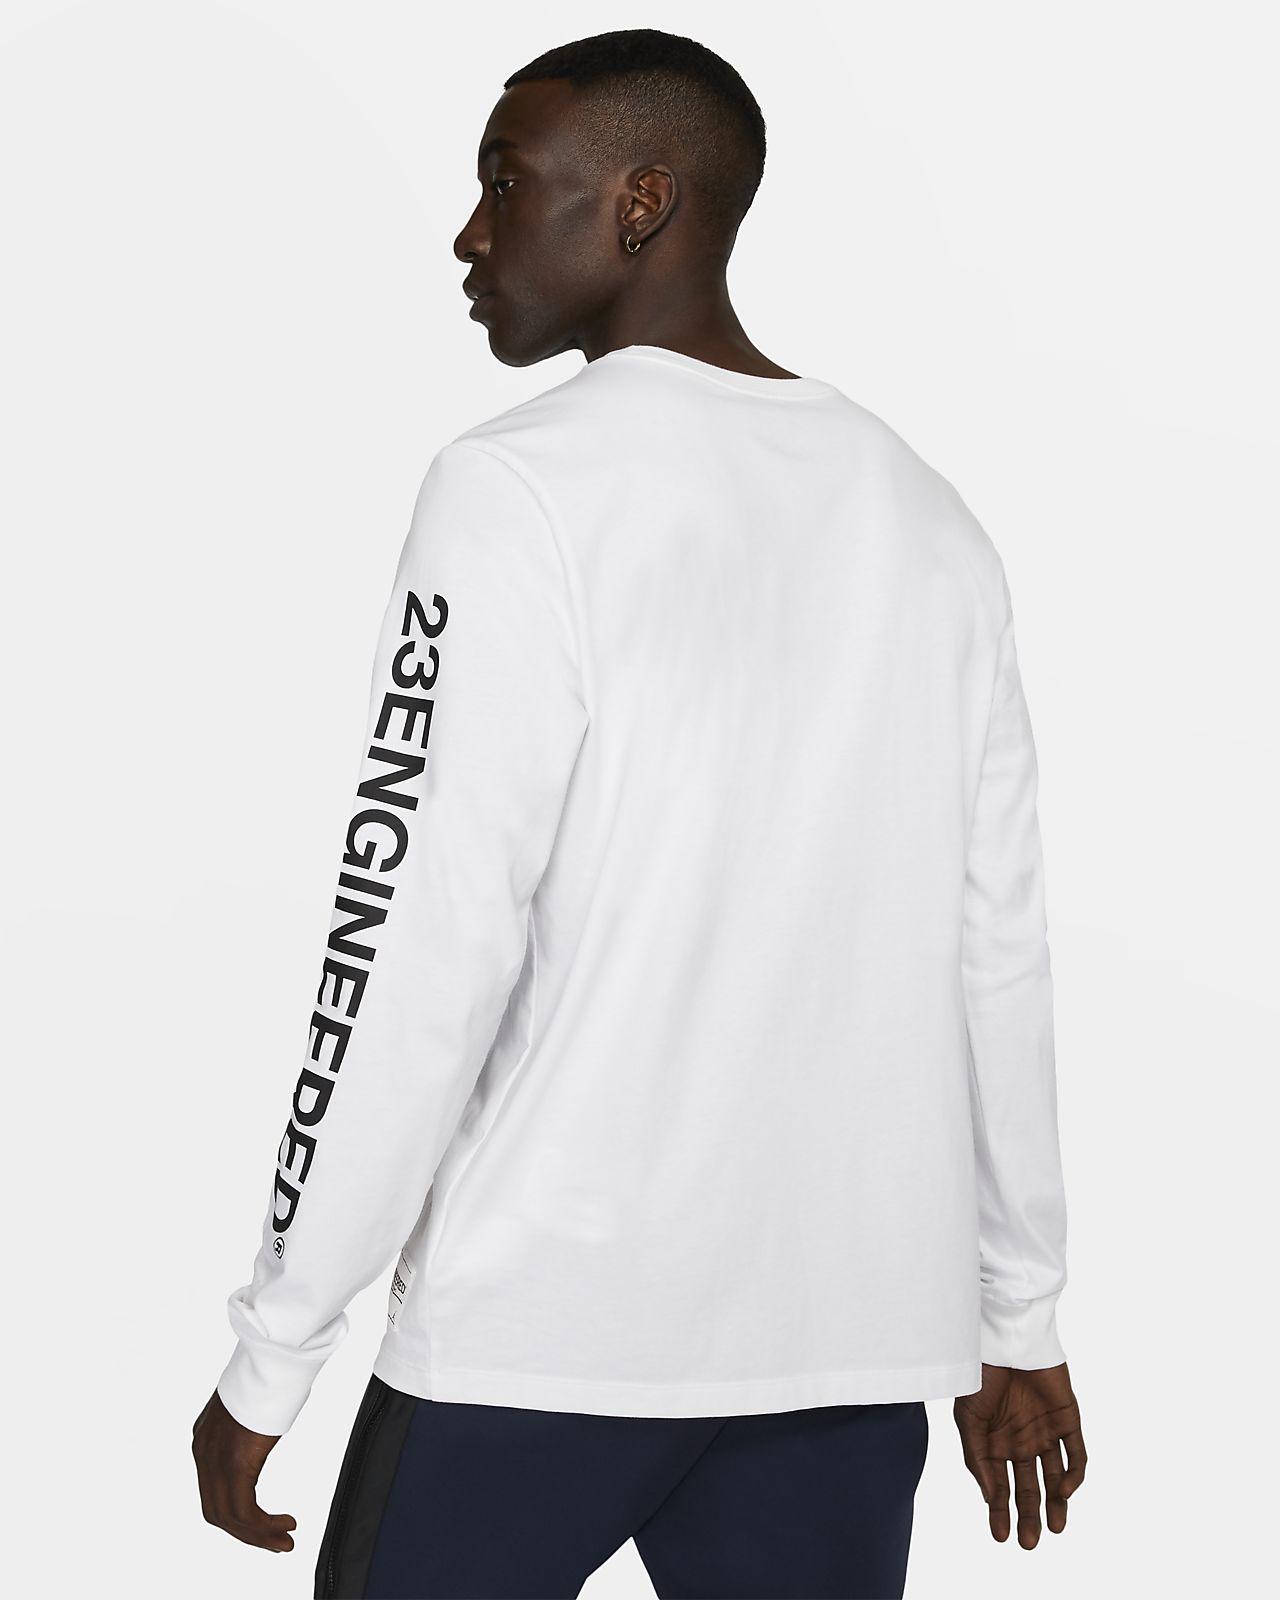 footwear wholesale sales outlet on sale Jordan 23 Engineered Men's Long-Sleeve T-Shirt